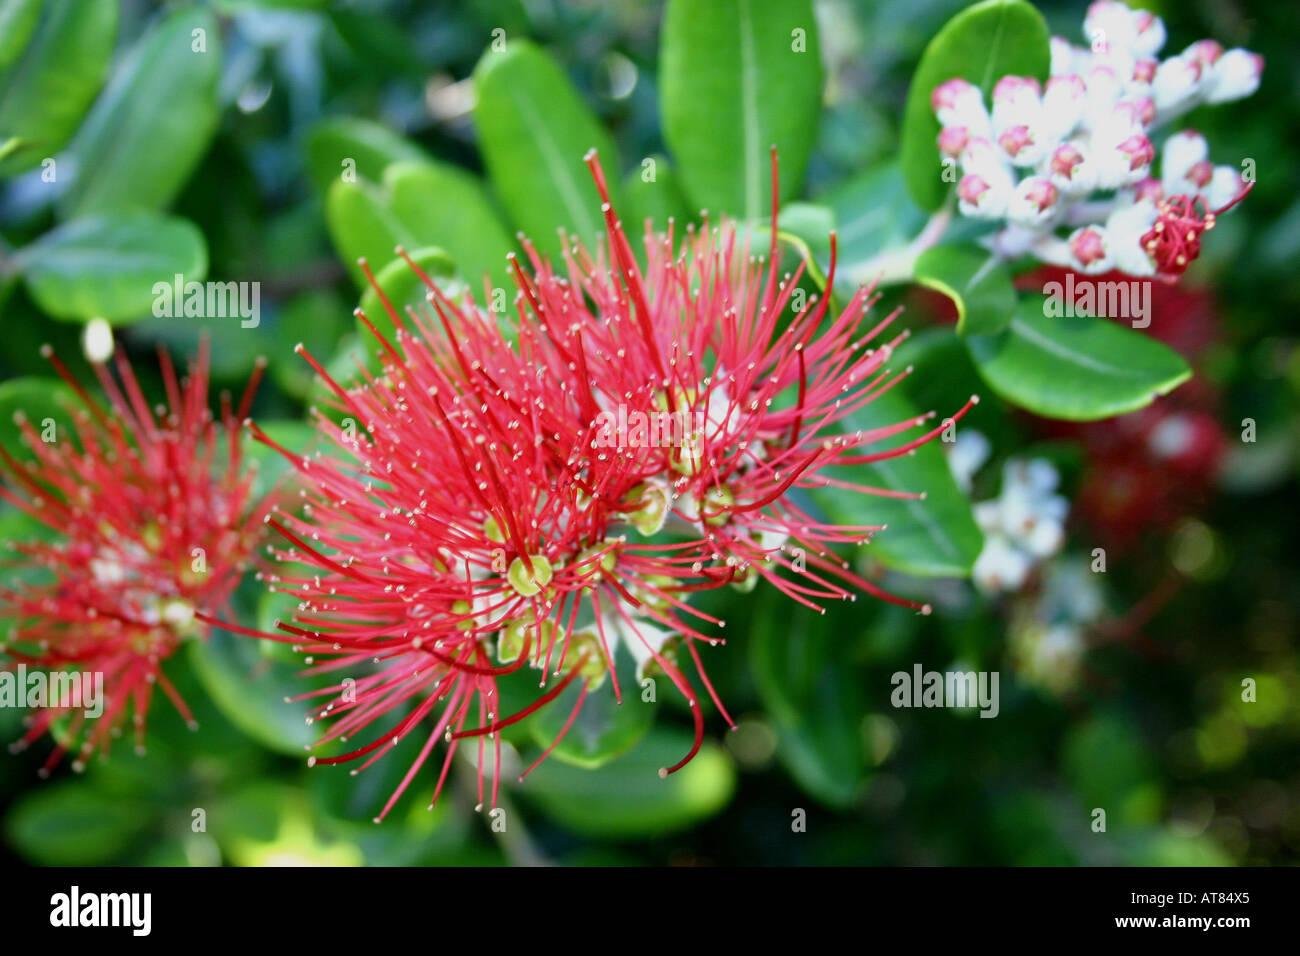 Wunderbar Welche Blumen Blühen Im März Referenz Von Diese Pohutukawa-blumen Blühen März Und April Auf